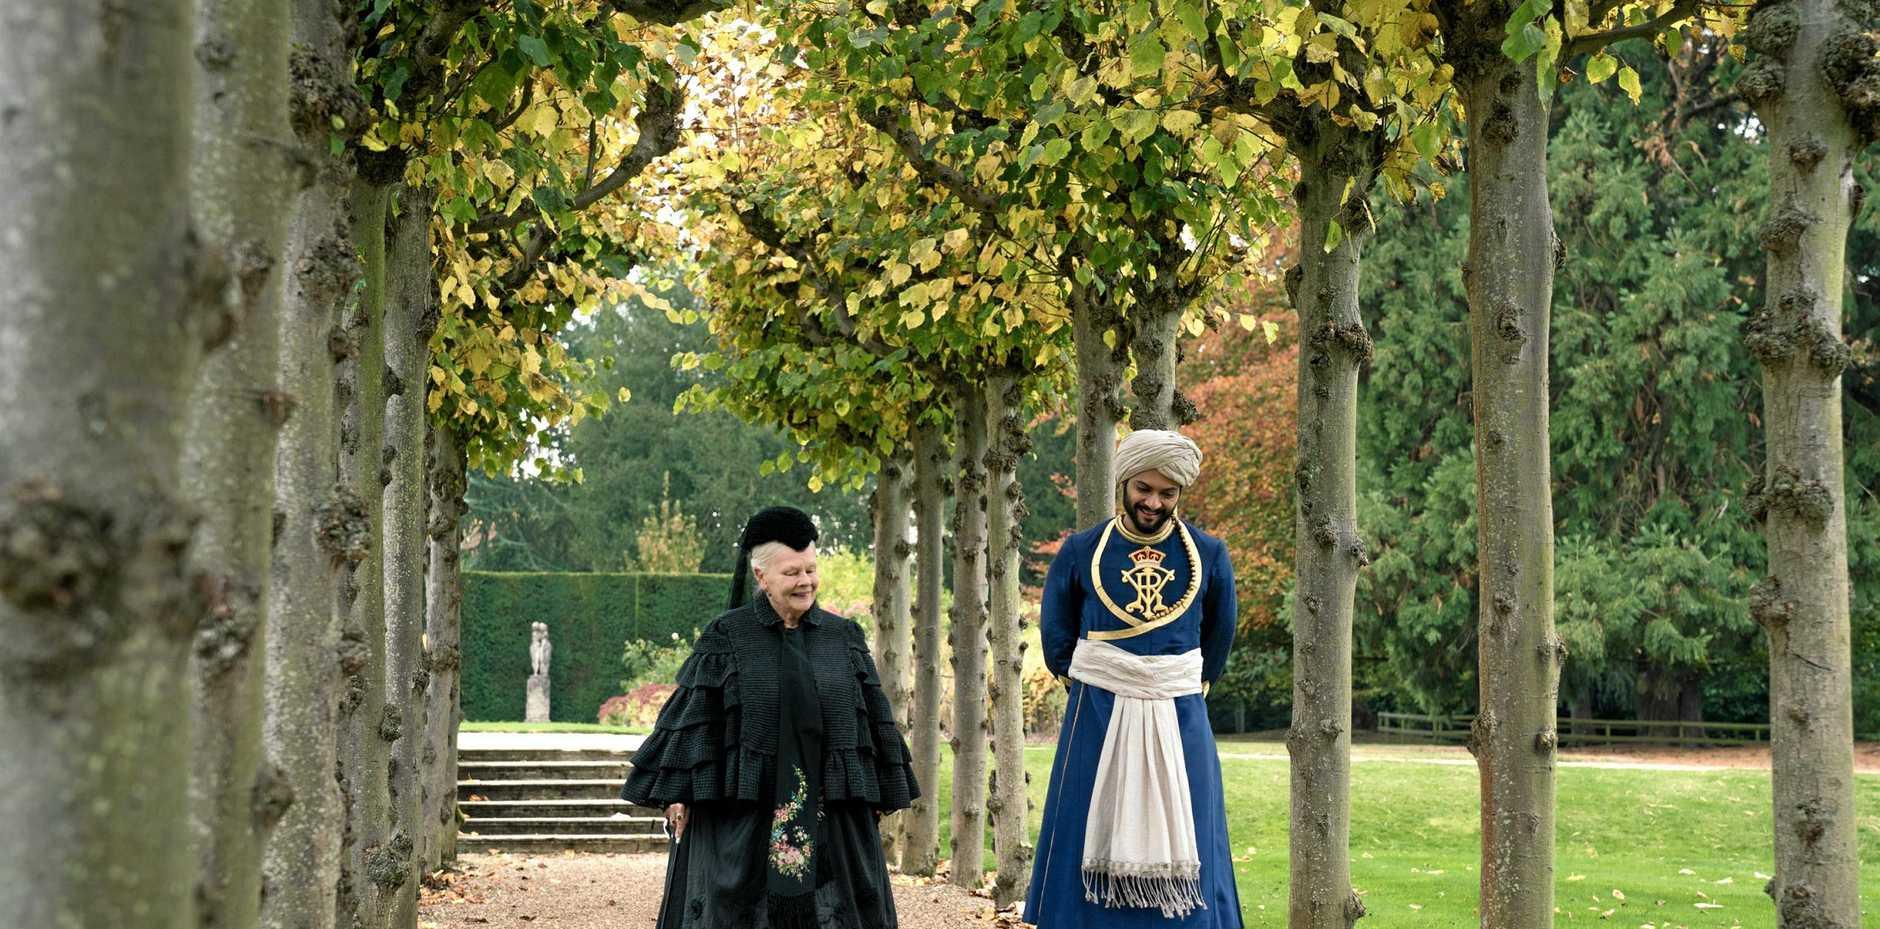 Judi Dench and Ali Fazal in a scene from Victoria and Abdul.